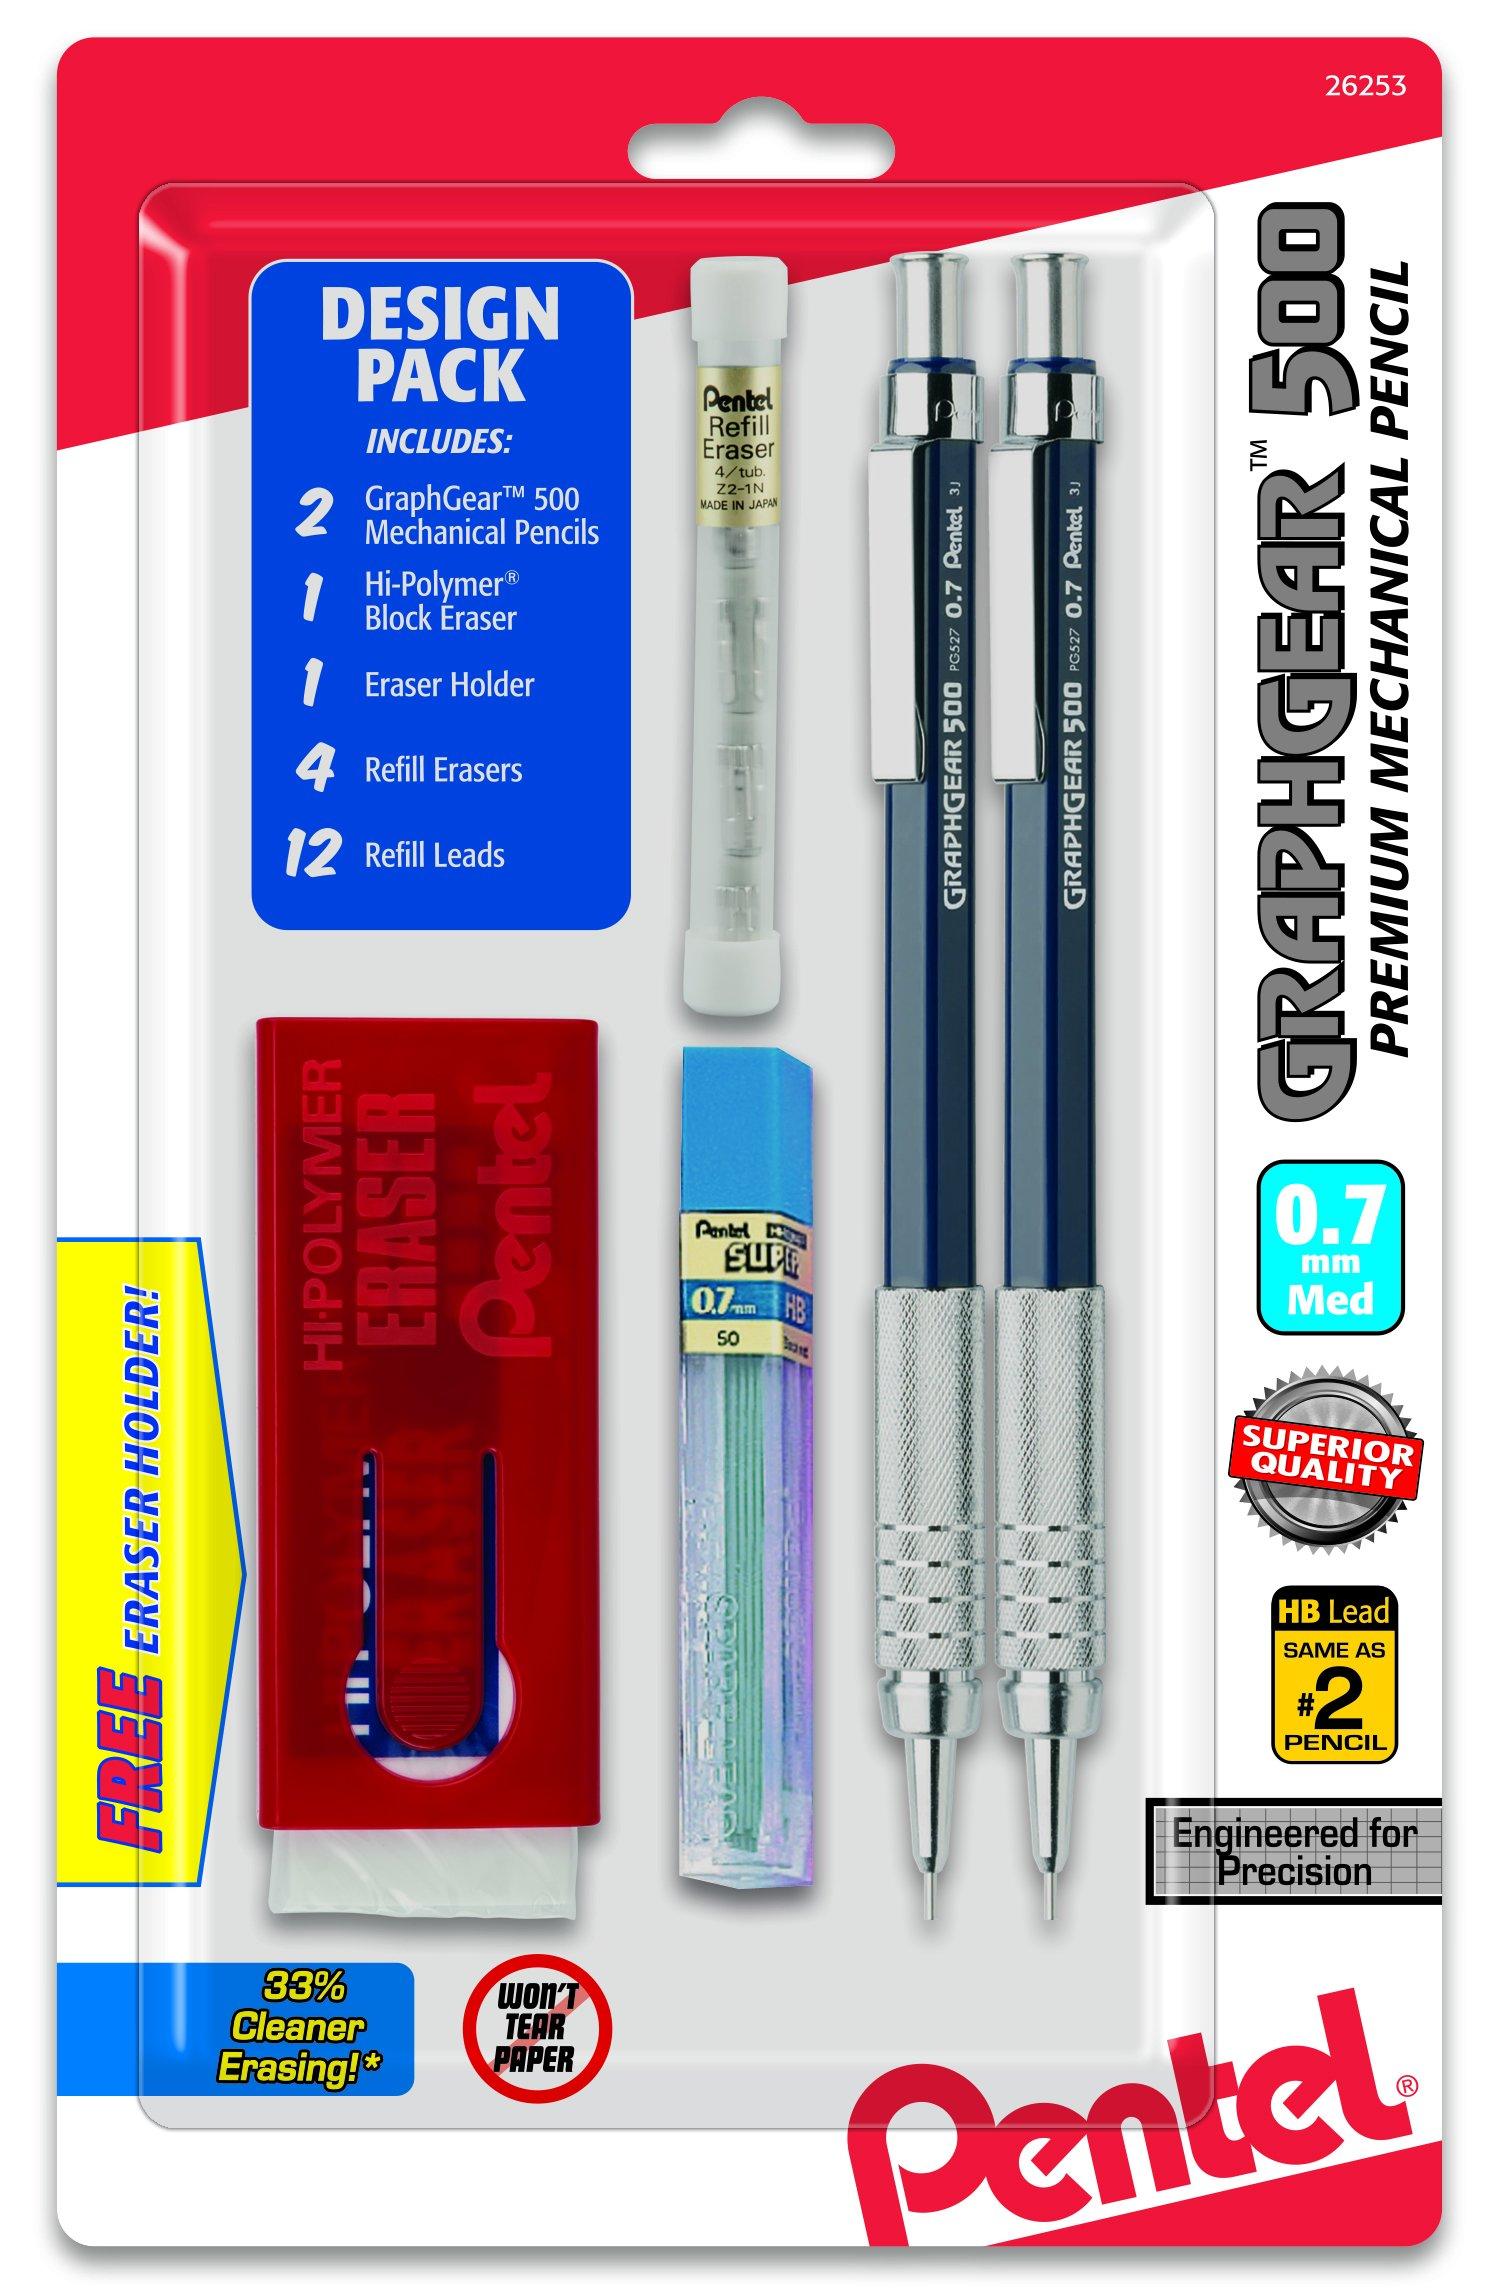 Pentel Graphgear 500 - Lapiz Mecanico 0.7mm Set